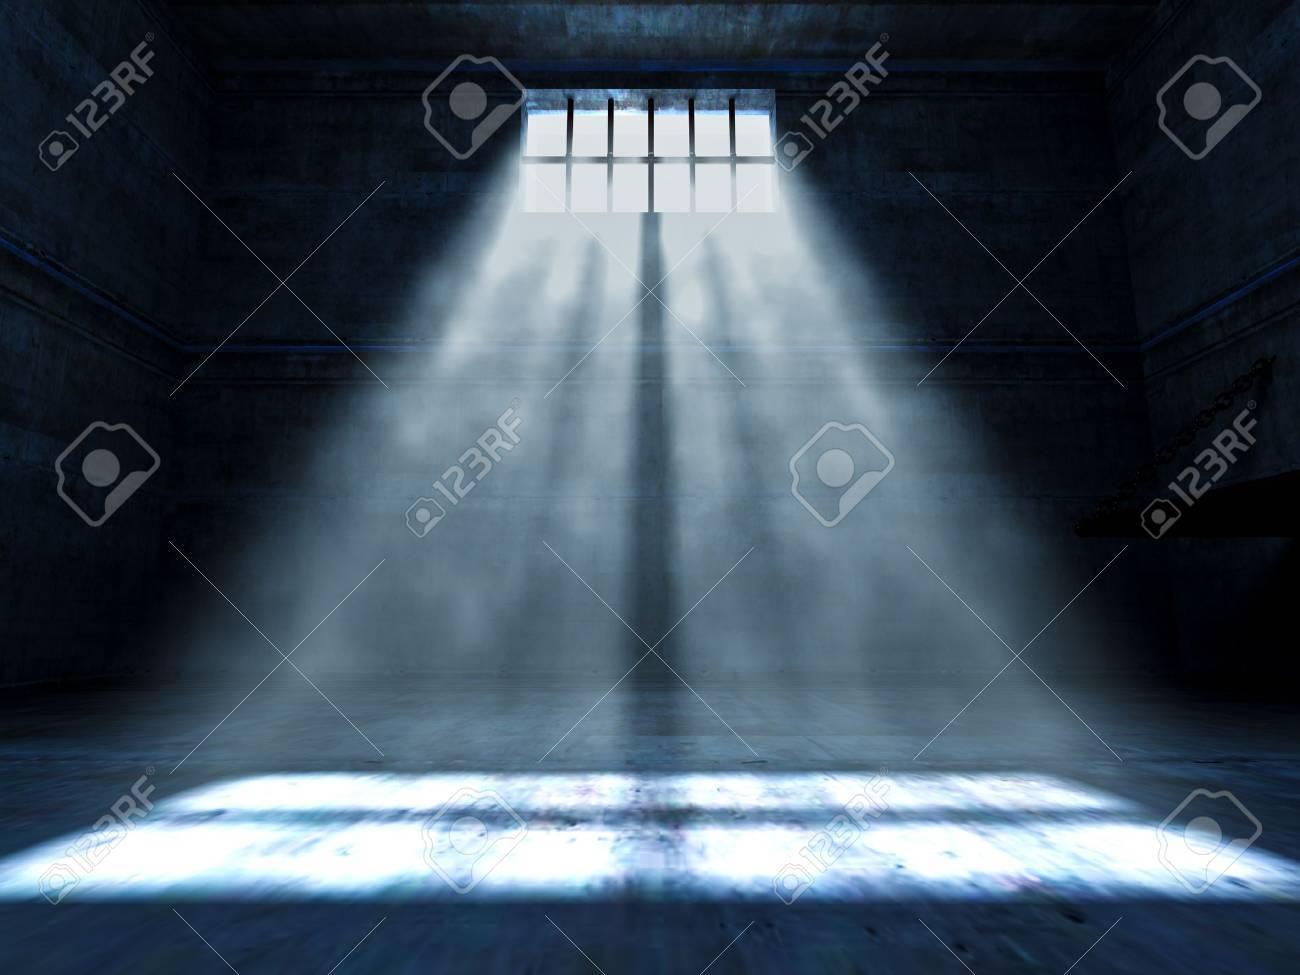 fine 3d image of dark grunge prison Stock Photo - 9991104